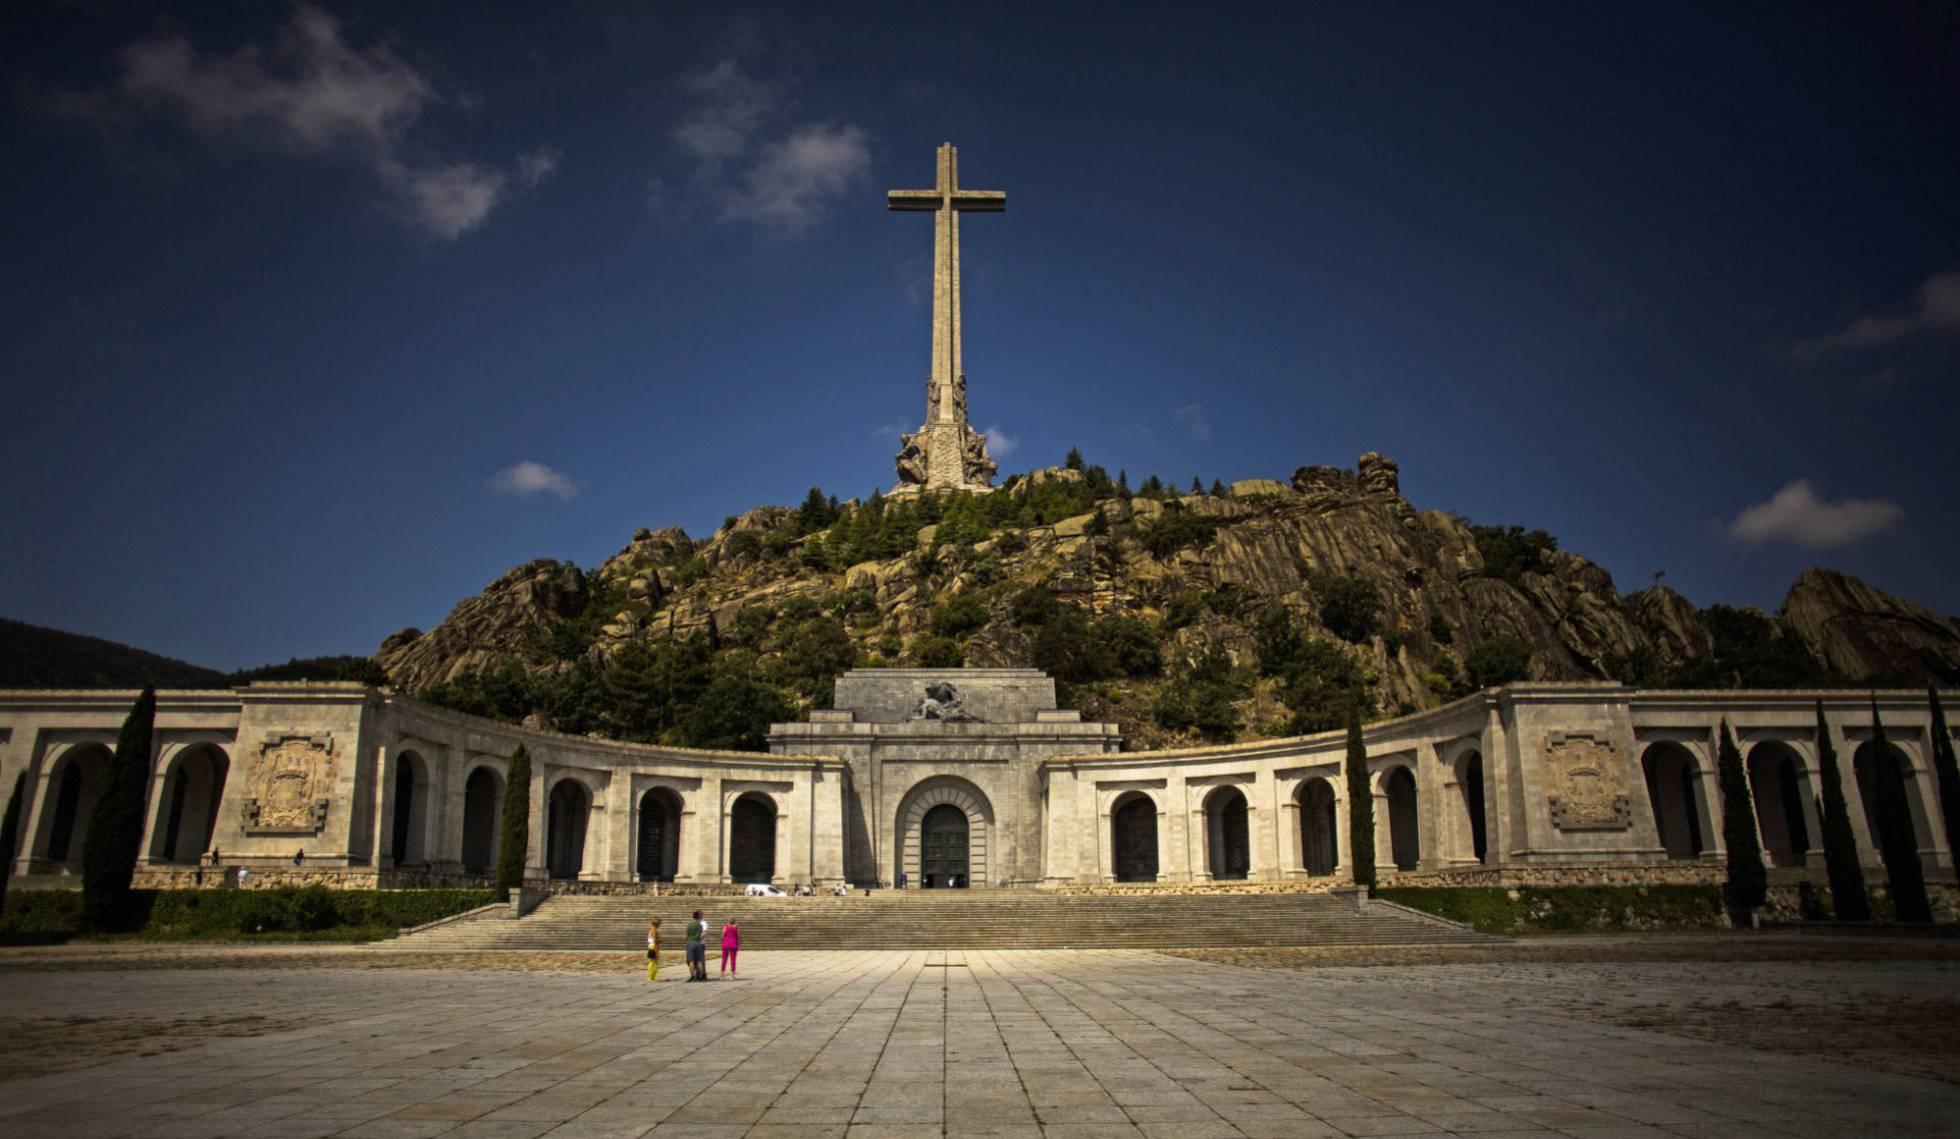 Верховный суд Испании одобрил процедуру эксгумации Франсиско Франко